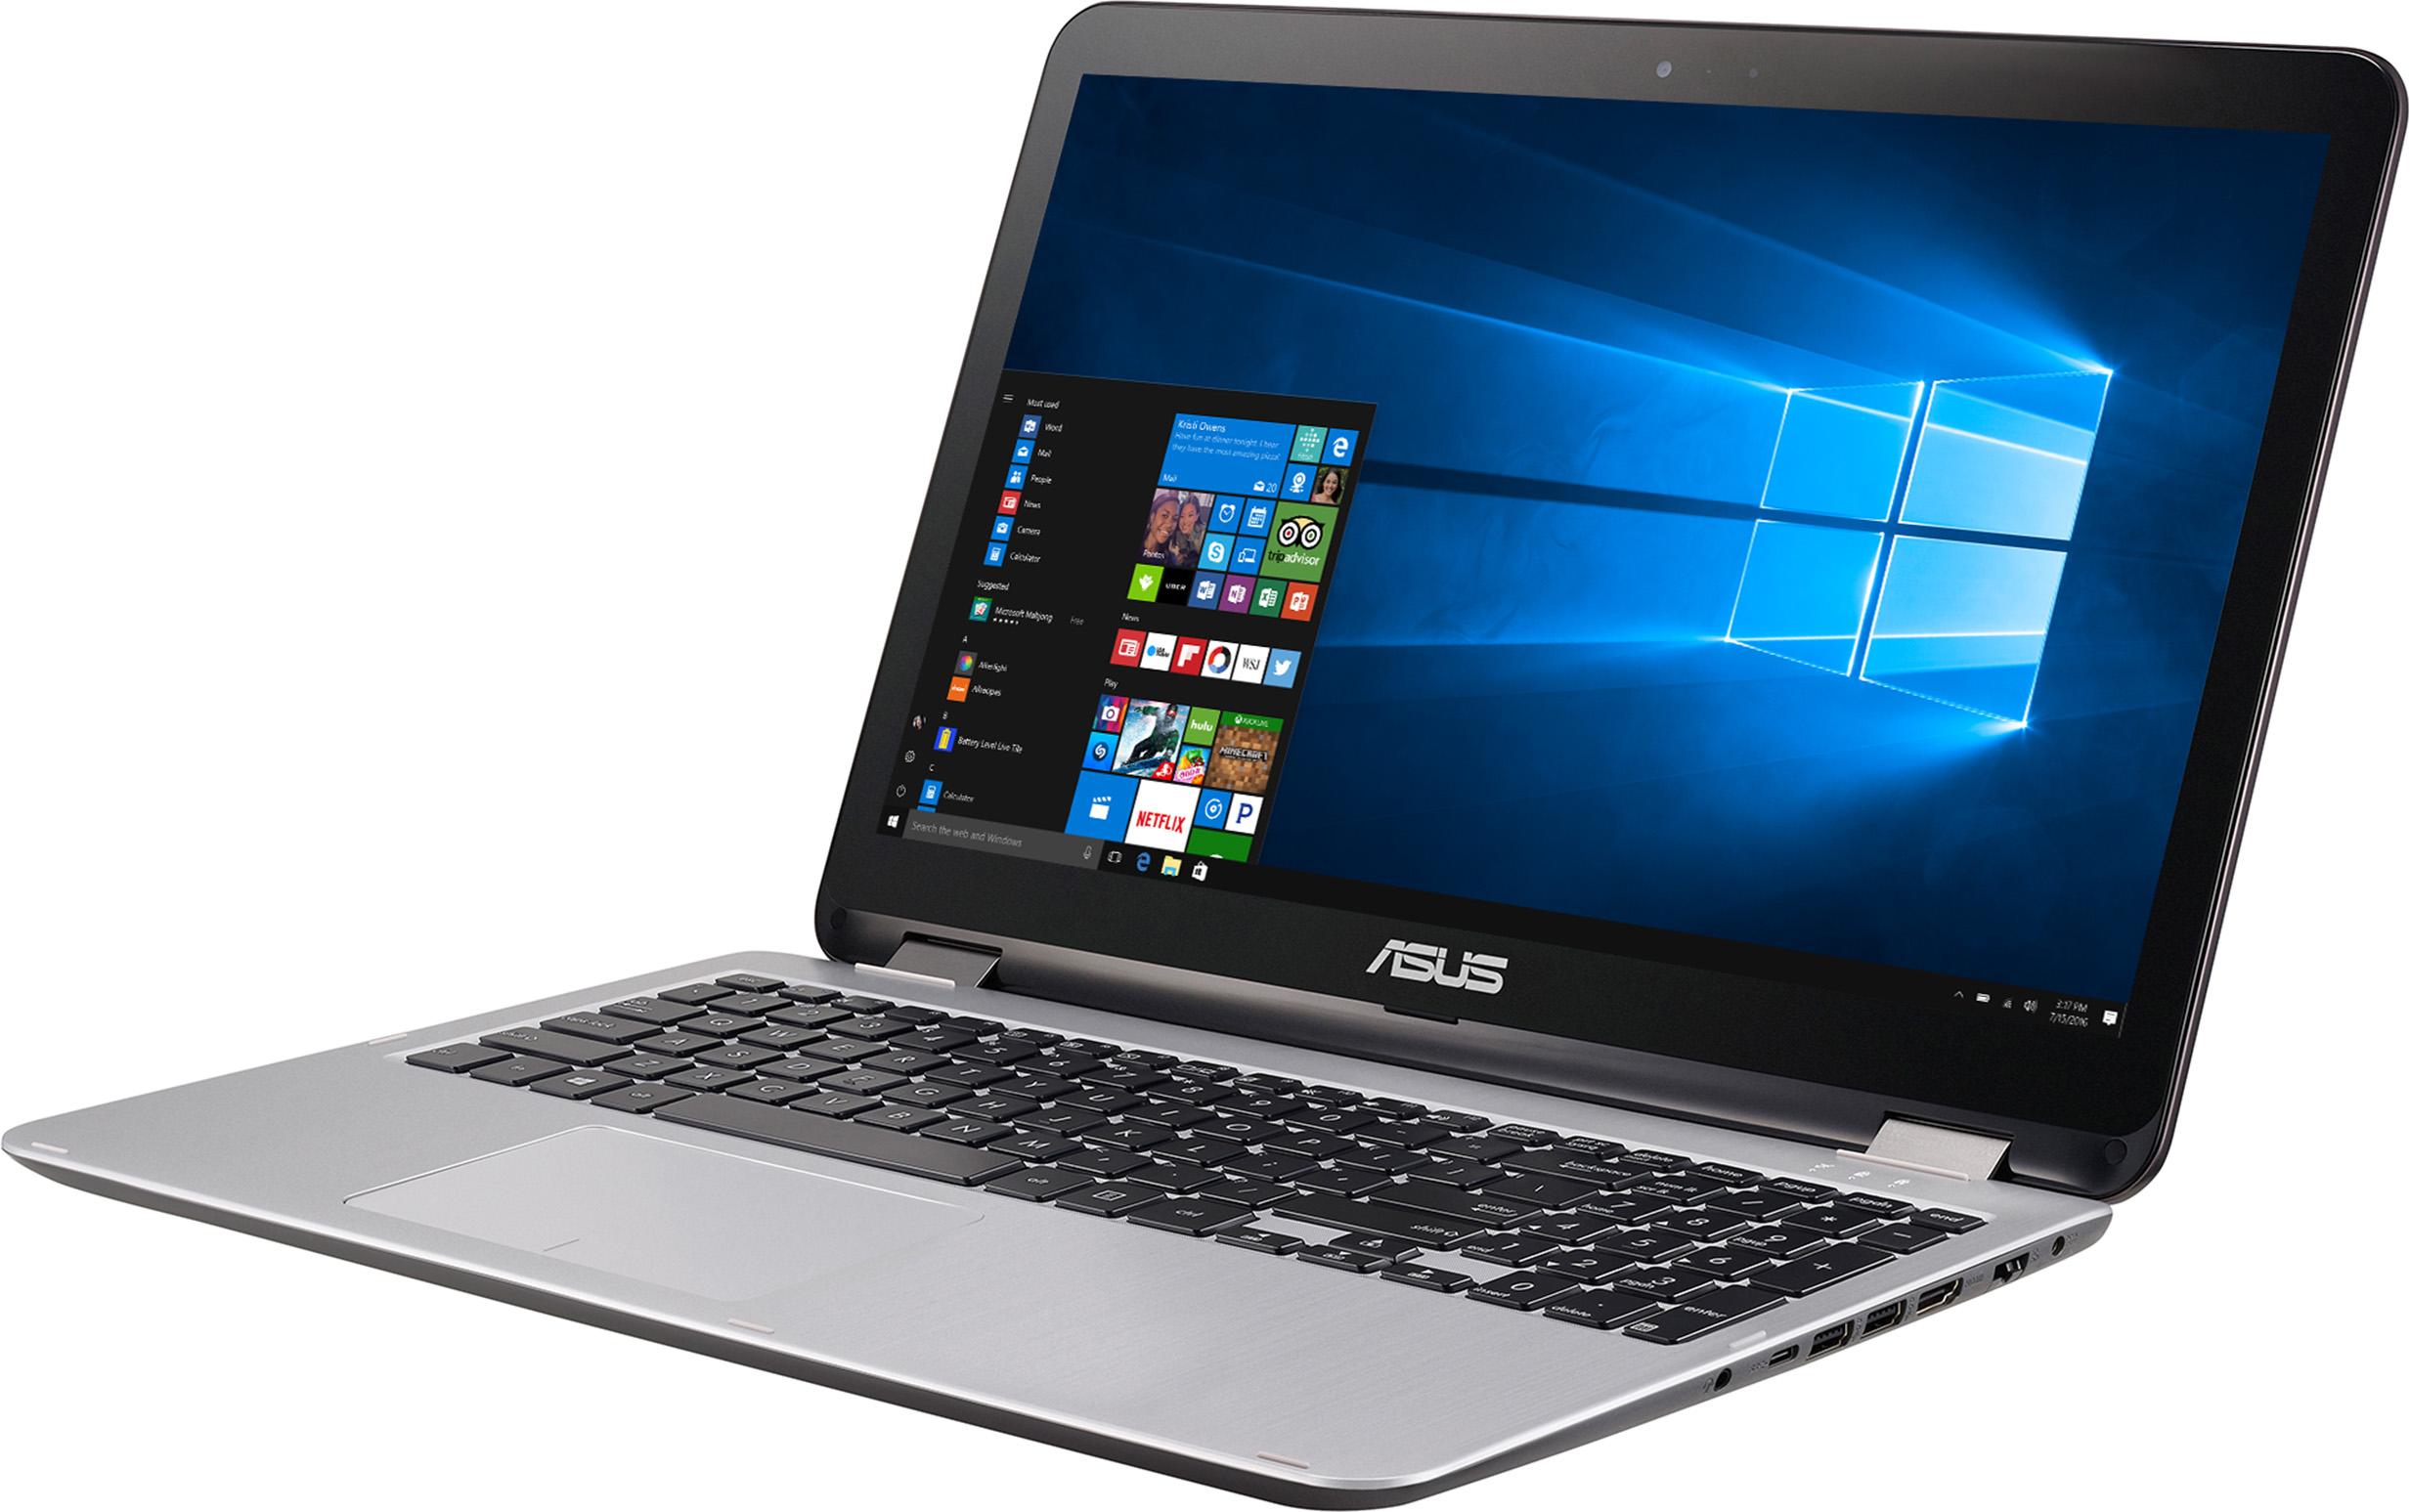 ASUS VivoBook Flip TP501UQ-UB71T Signature Edition 2 in 1 PC